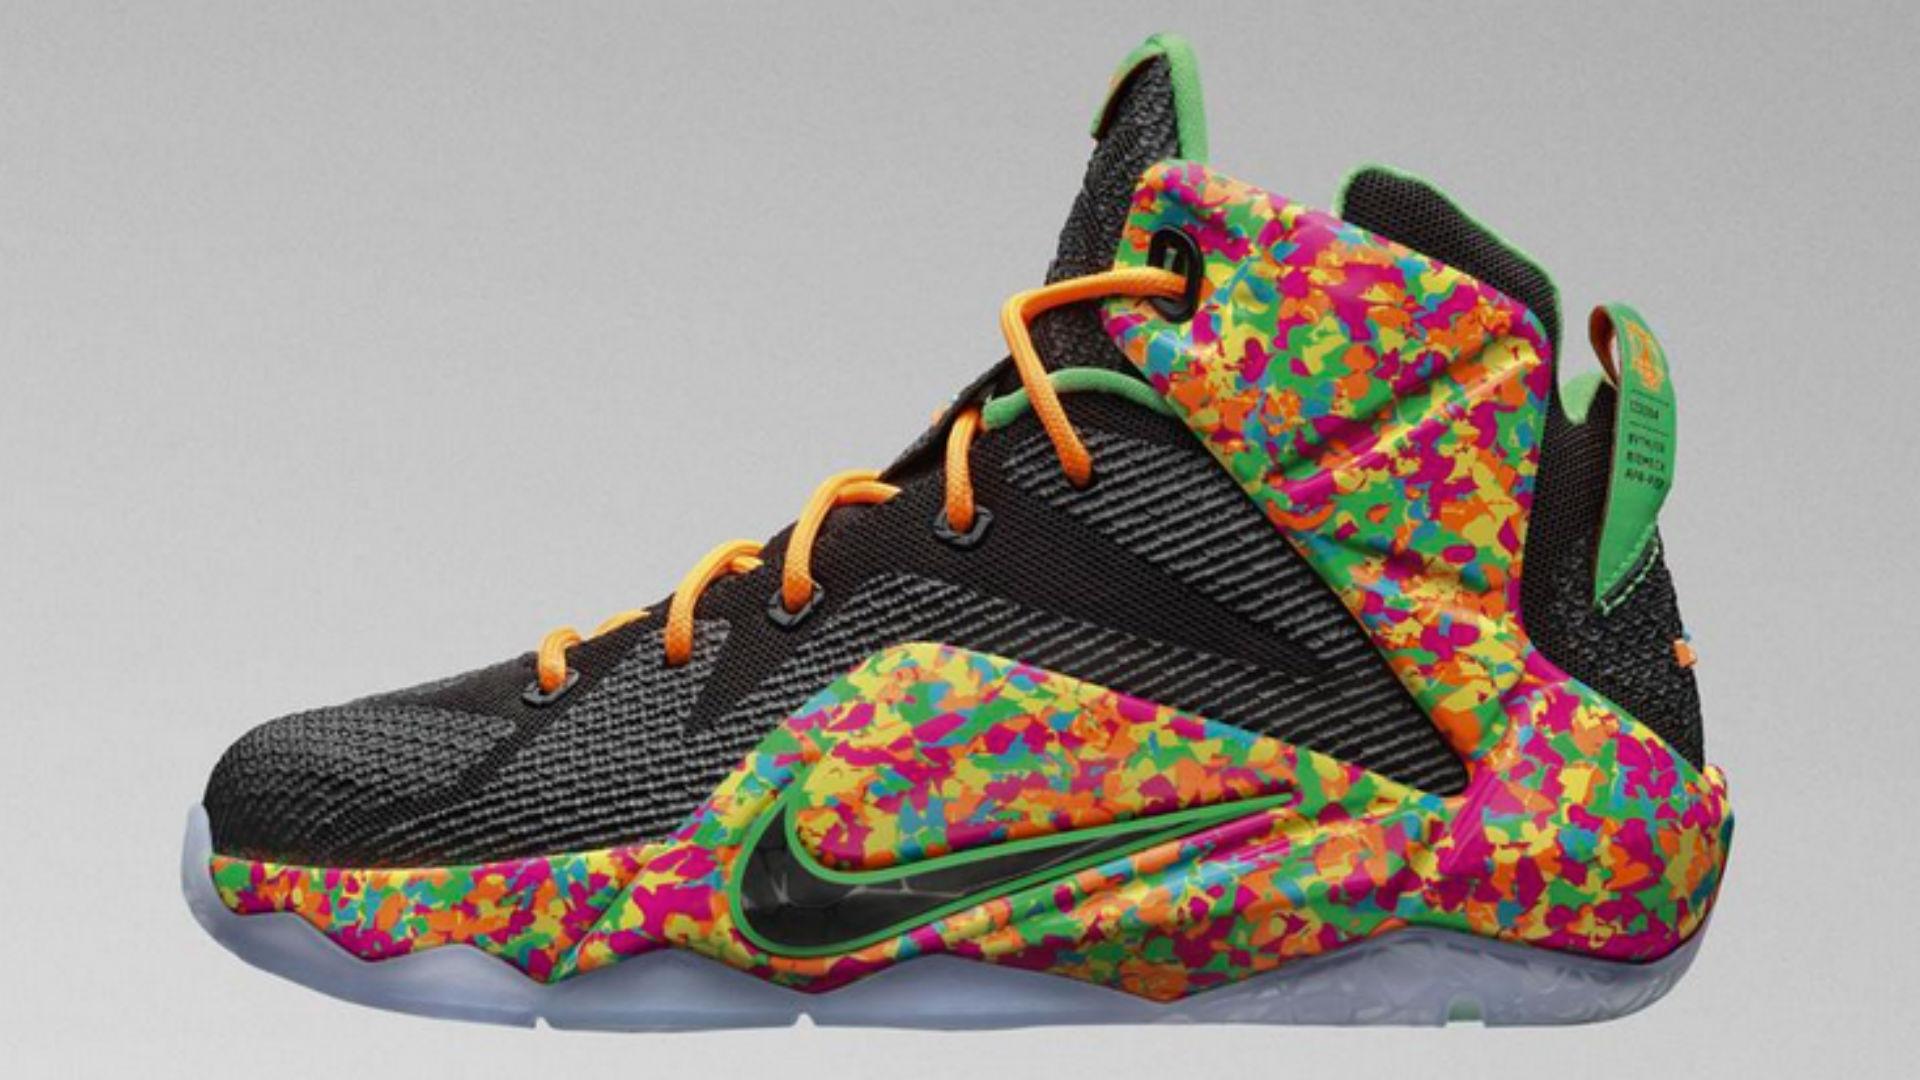 Drawn shoe lebron shoe 'Fruity makeover Pebbles' LeBron NBA